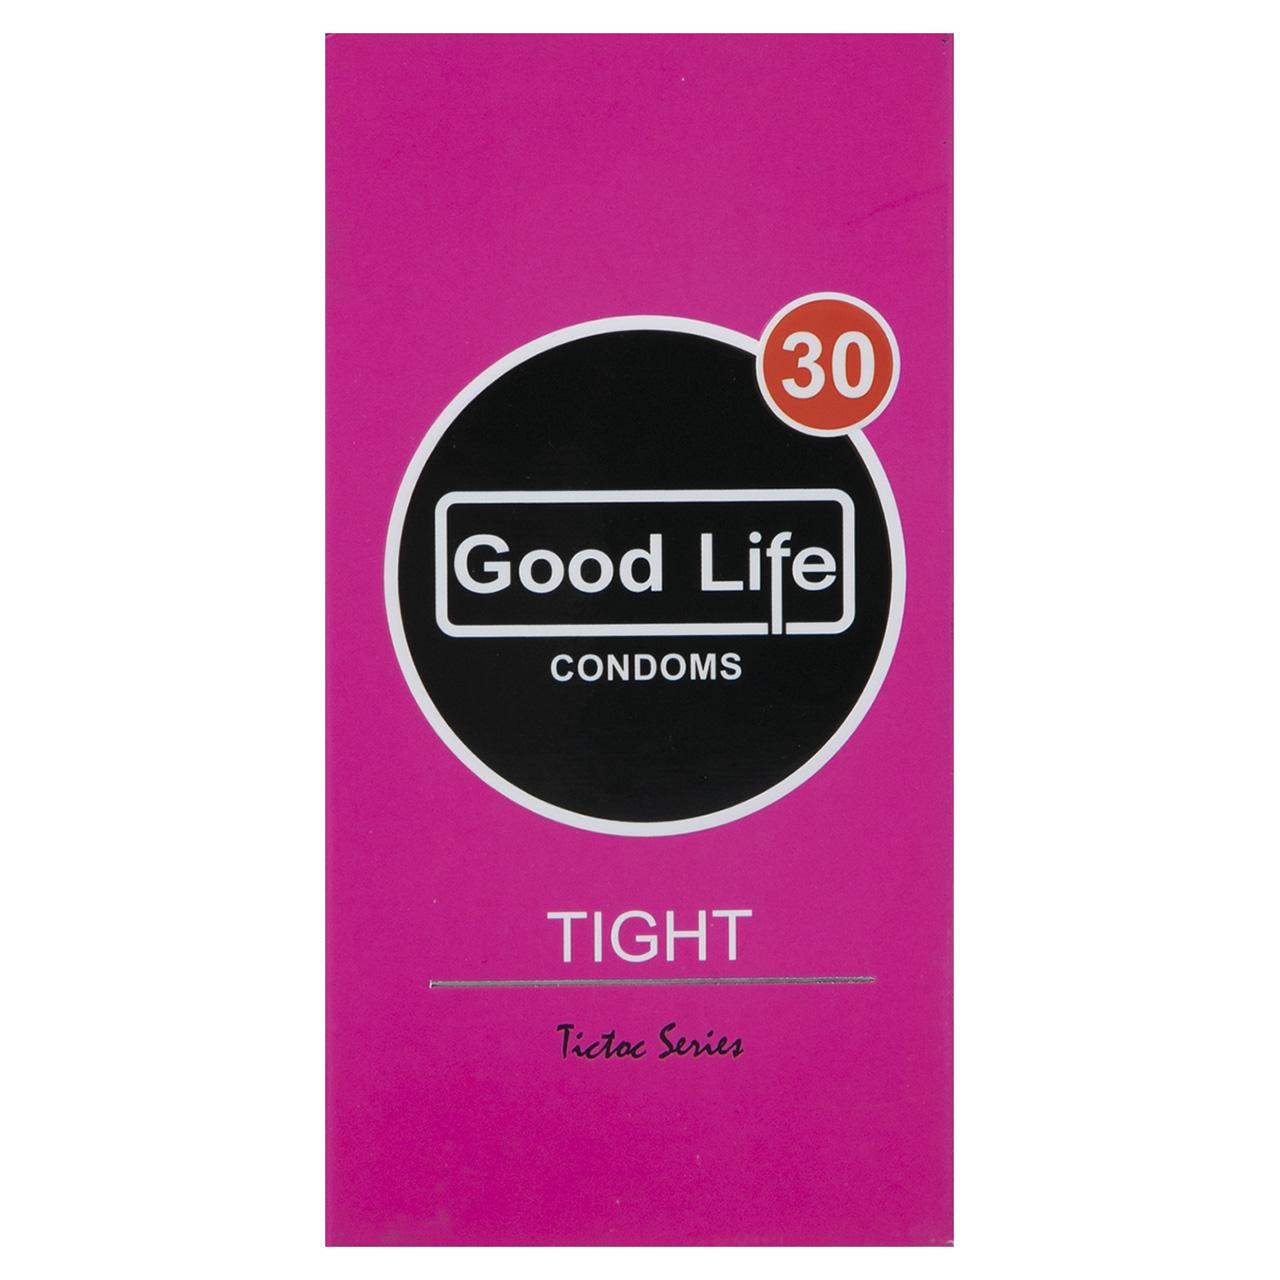 قیمت کاندوم گودلایف مدل Tight بسته 12 عددی